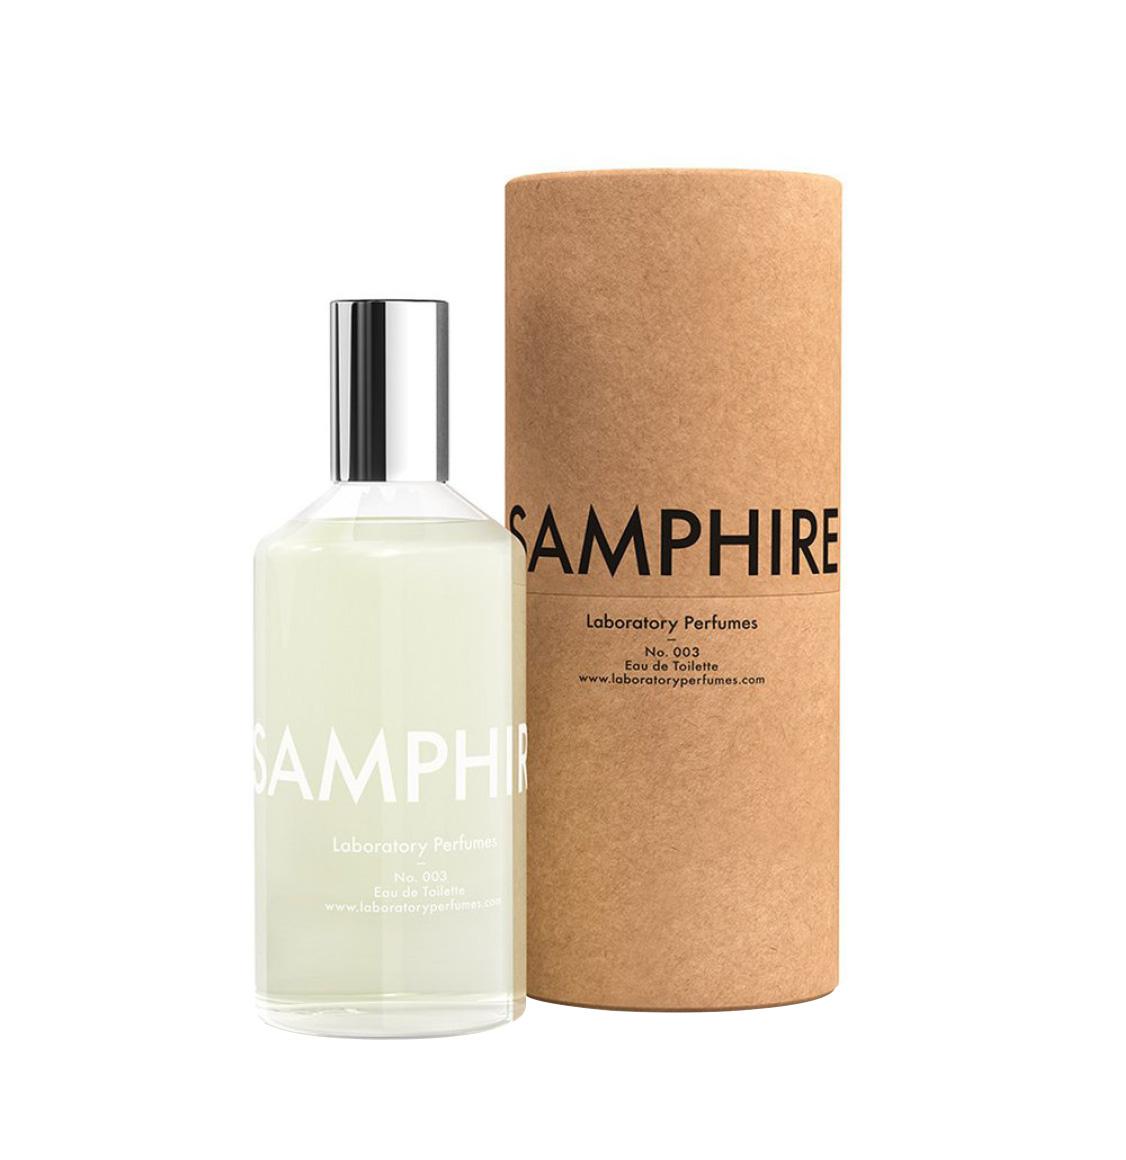 laboratory_perfumes_samphire_eau_de_toilette_the_project_garments_a